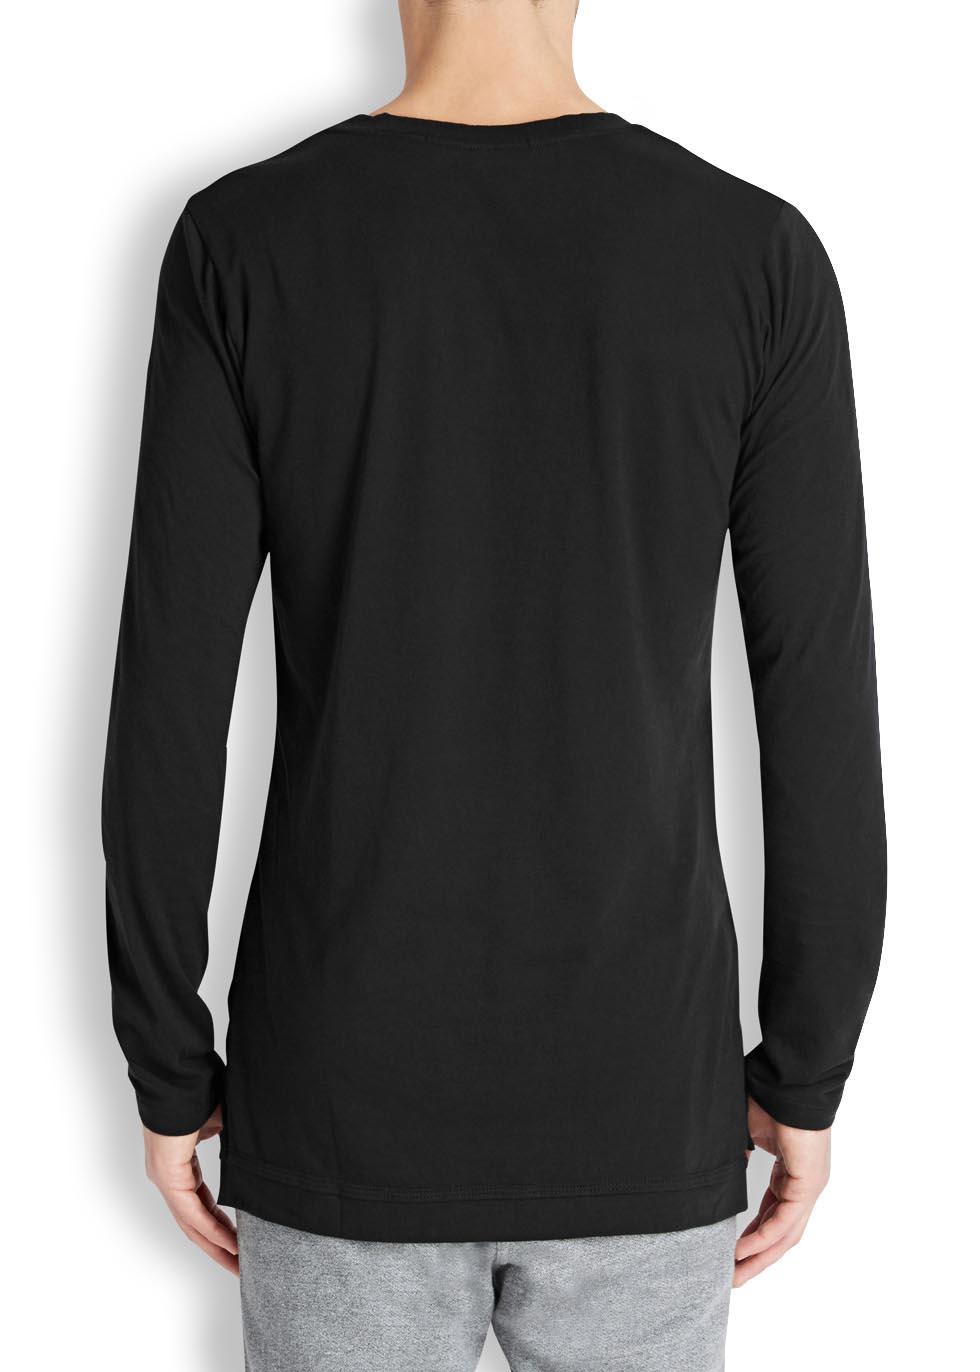 Mercer black Supima cotton blend top - John Elliott